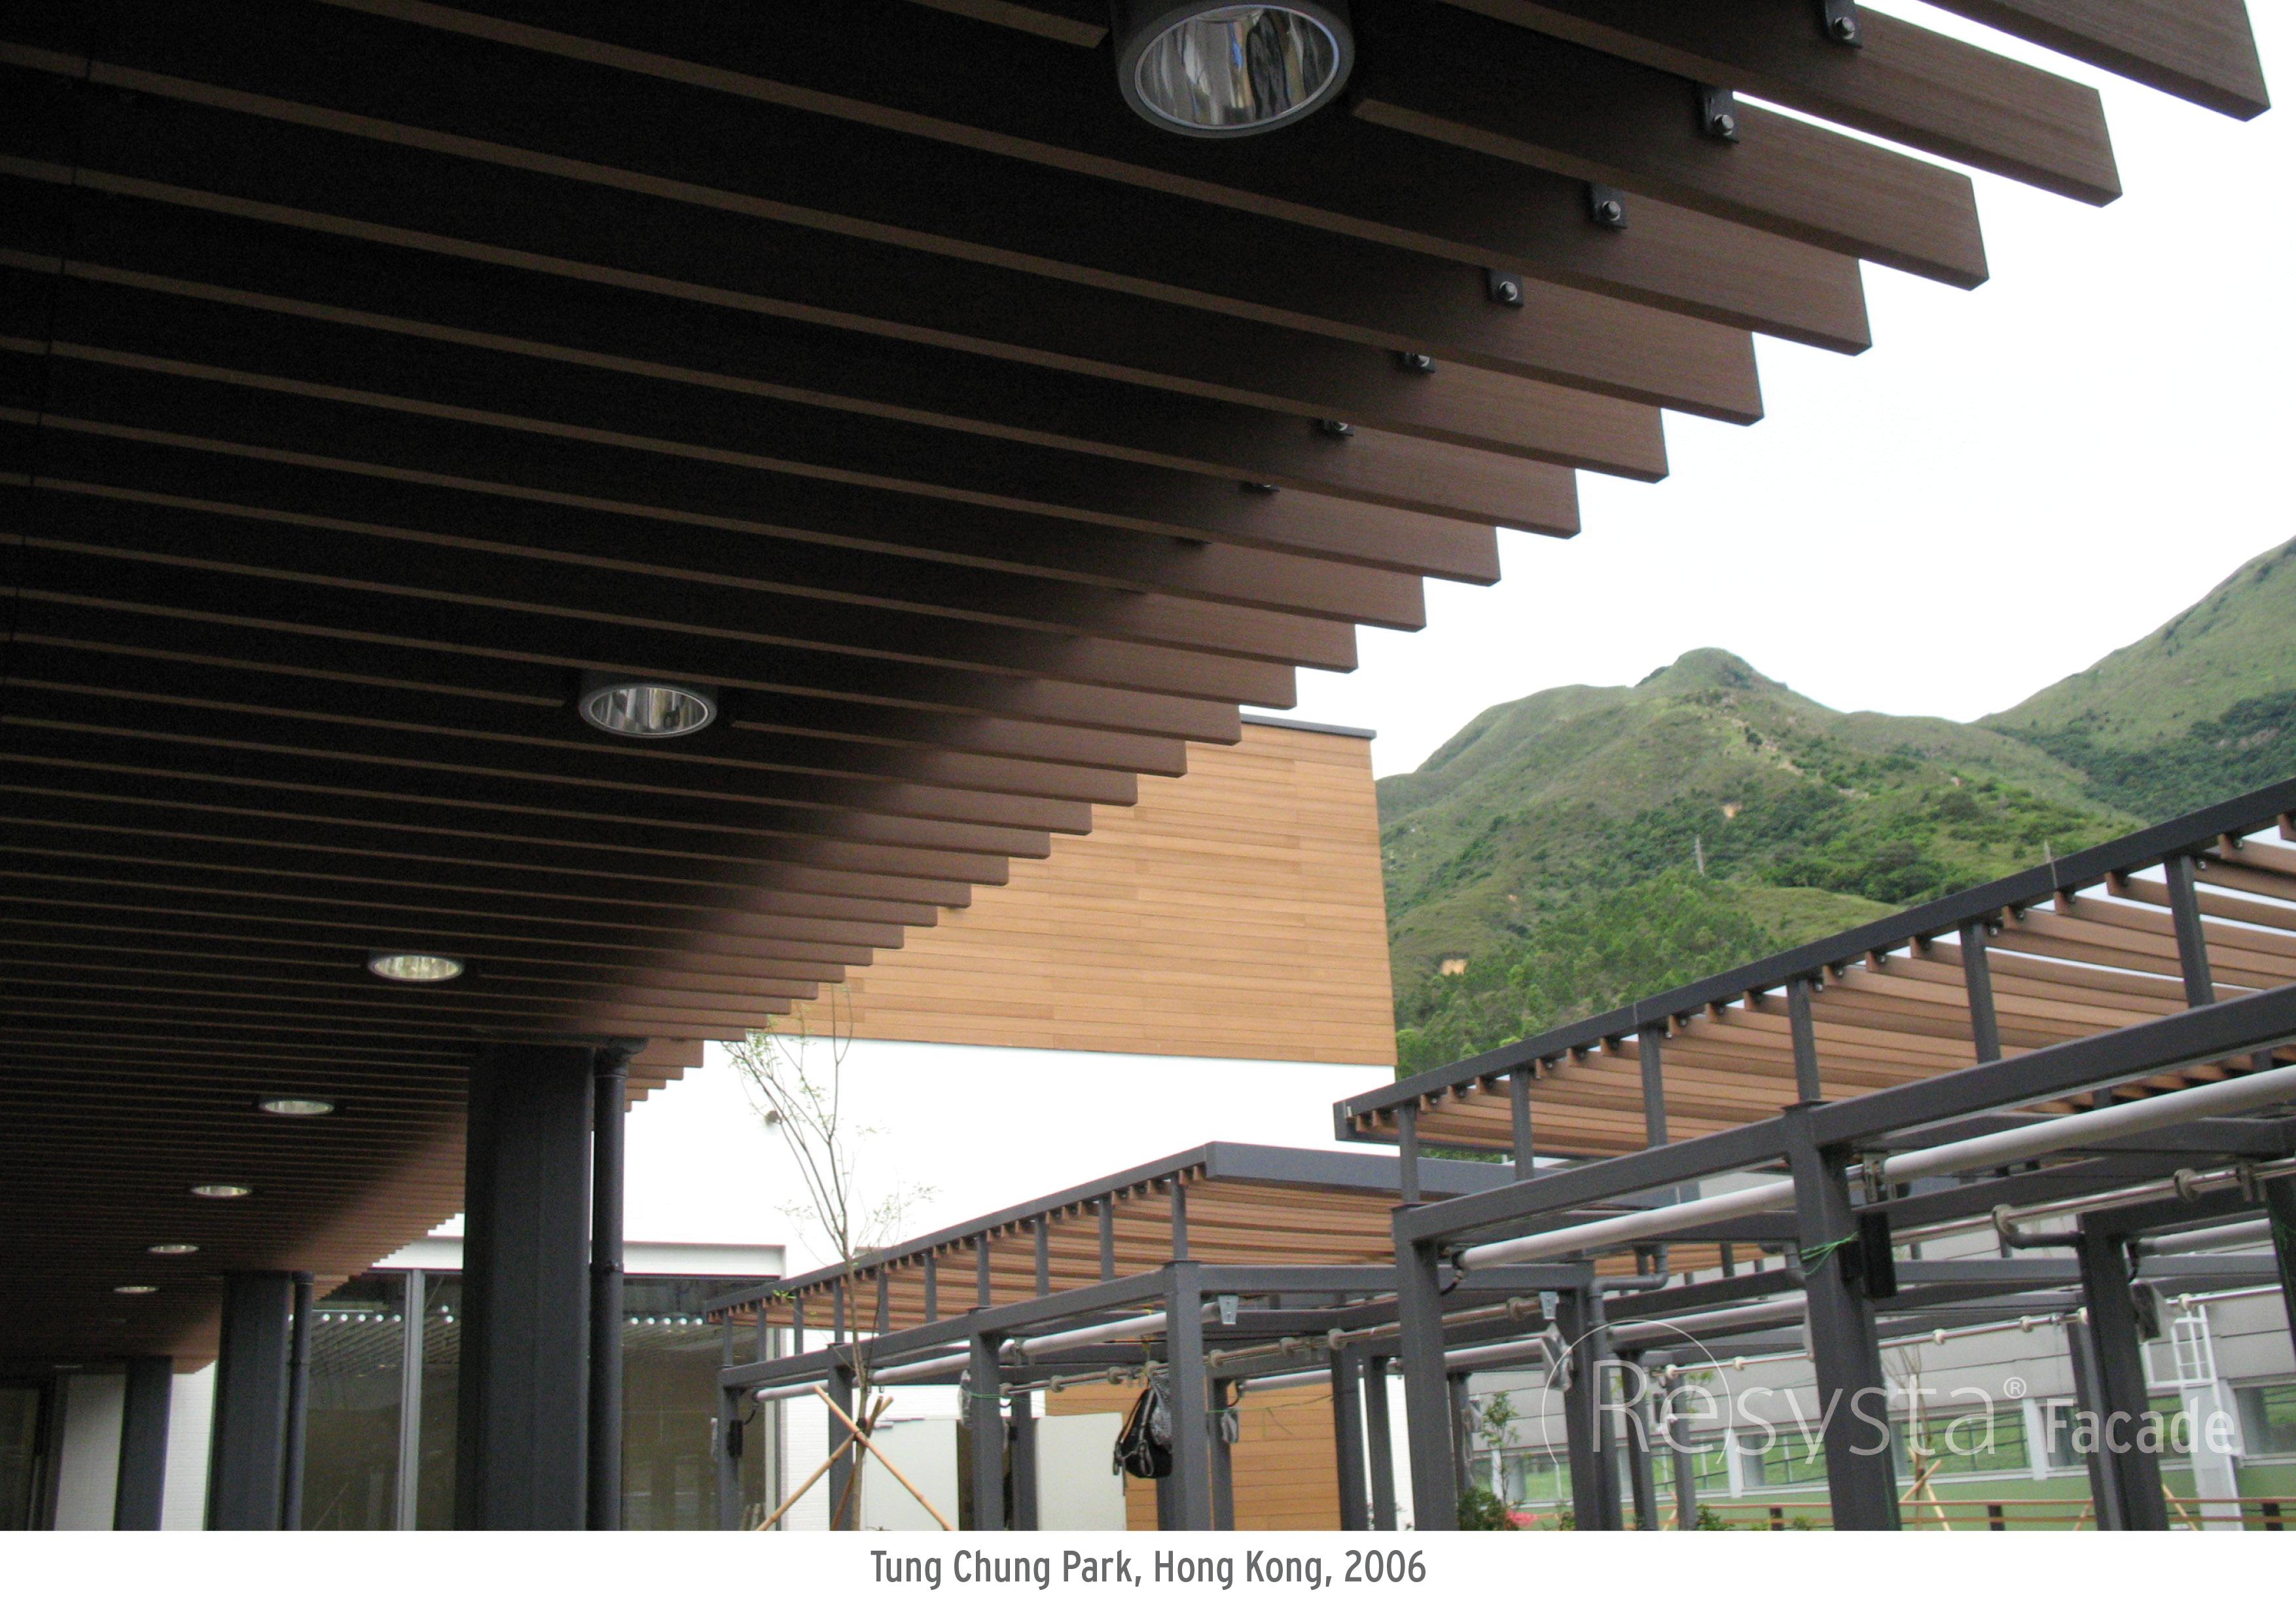 Tung_Chung_Park_Hong_Kong_2006_07